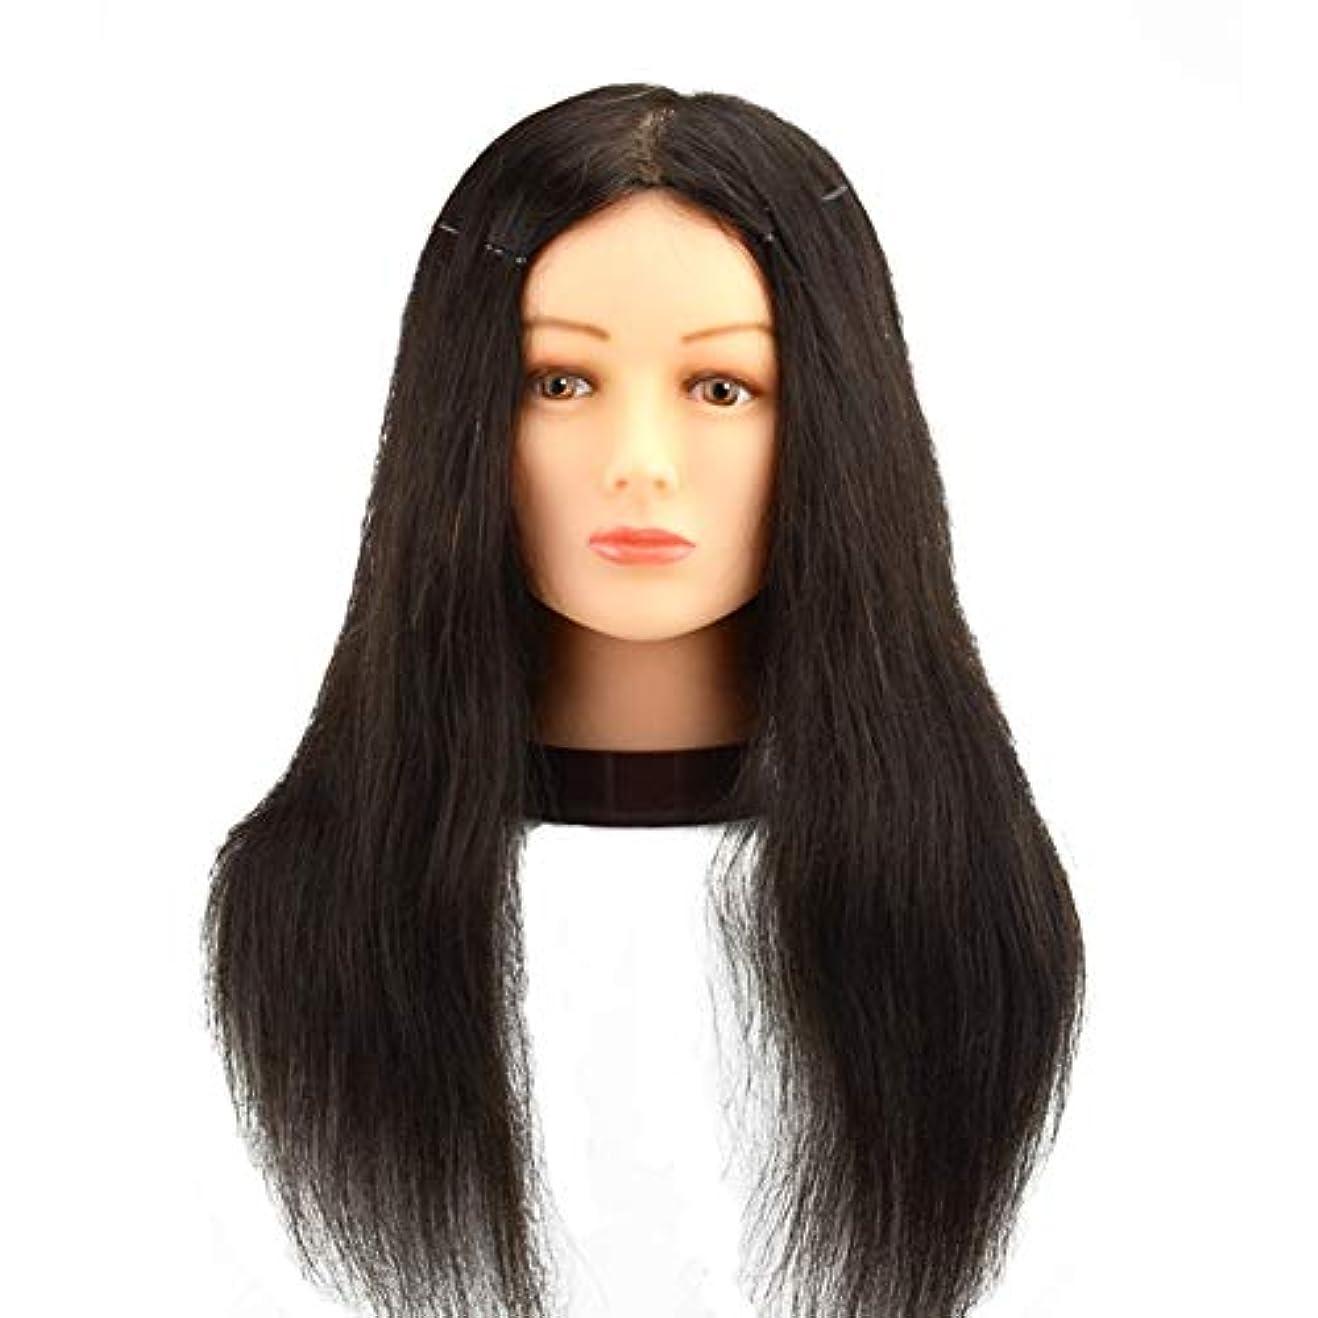 真似るそしてキャンバス理髪店パーマ髪染め練習かつらヘッドモデルリアルヘアマネキンヘッド化粧散髪練習ダミーヘッド,20inches